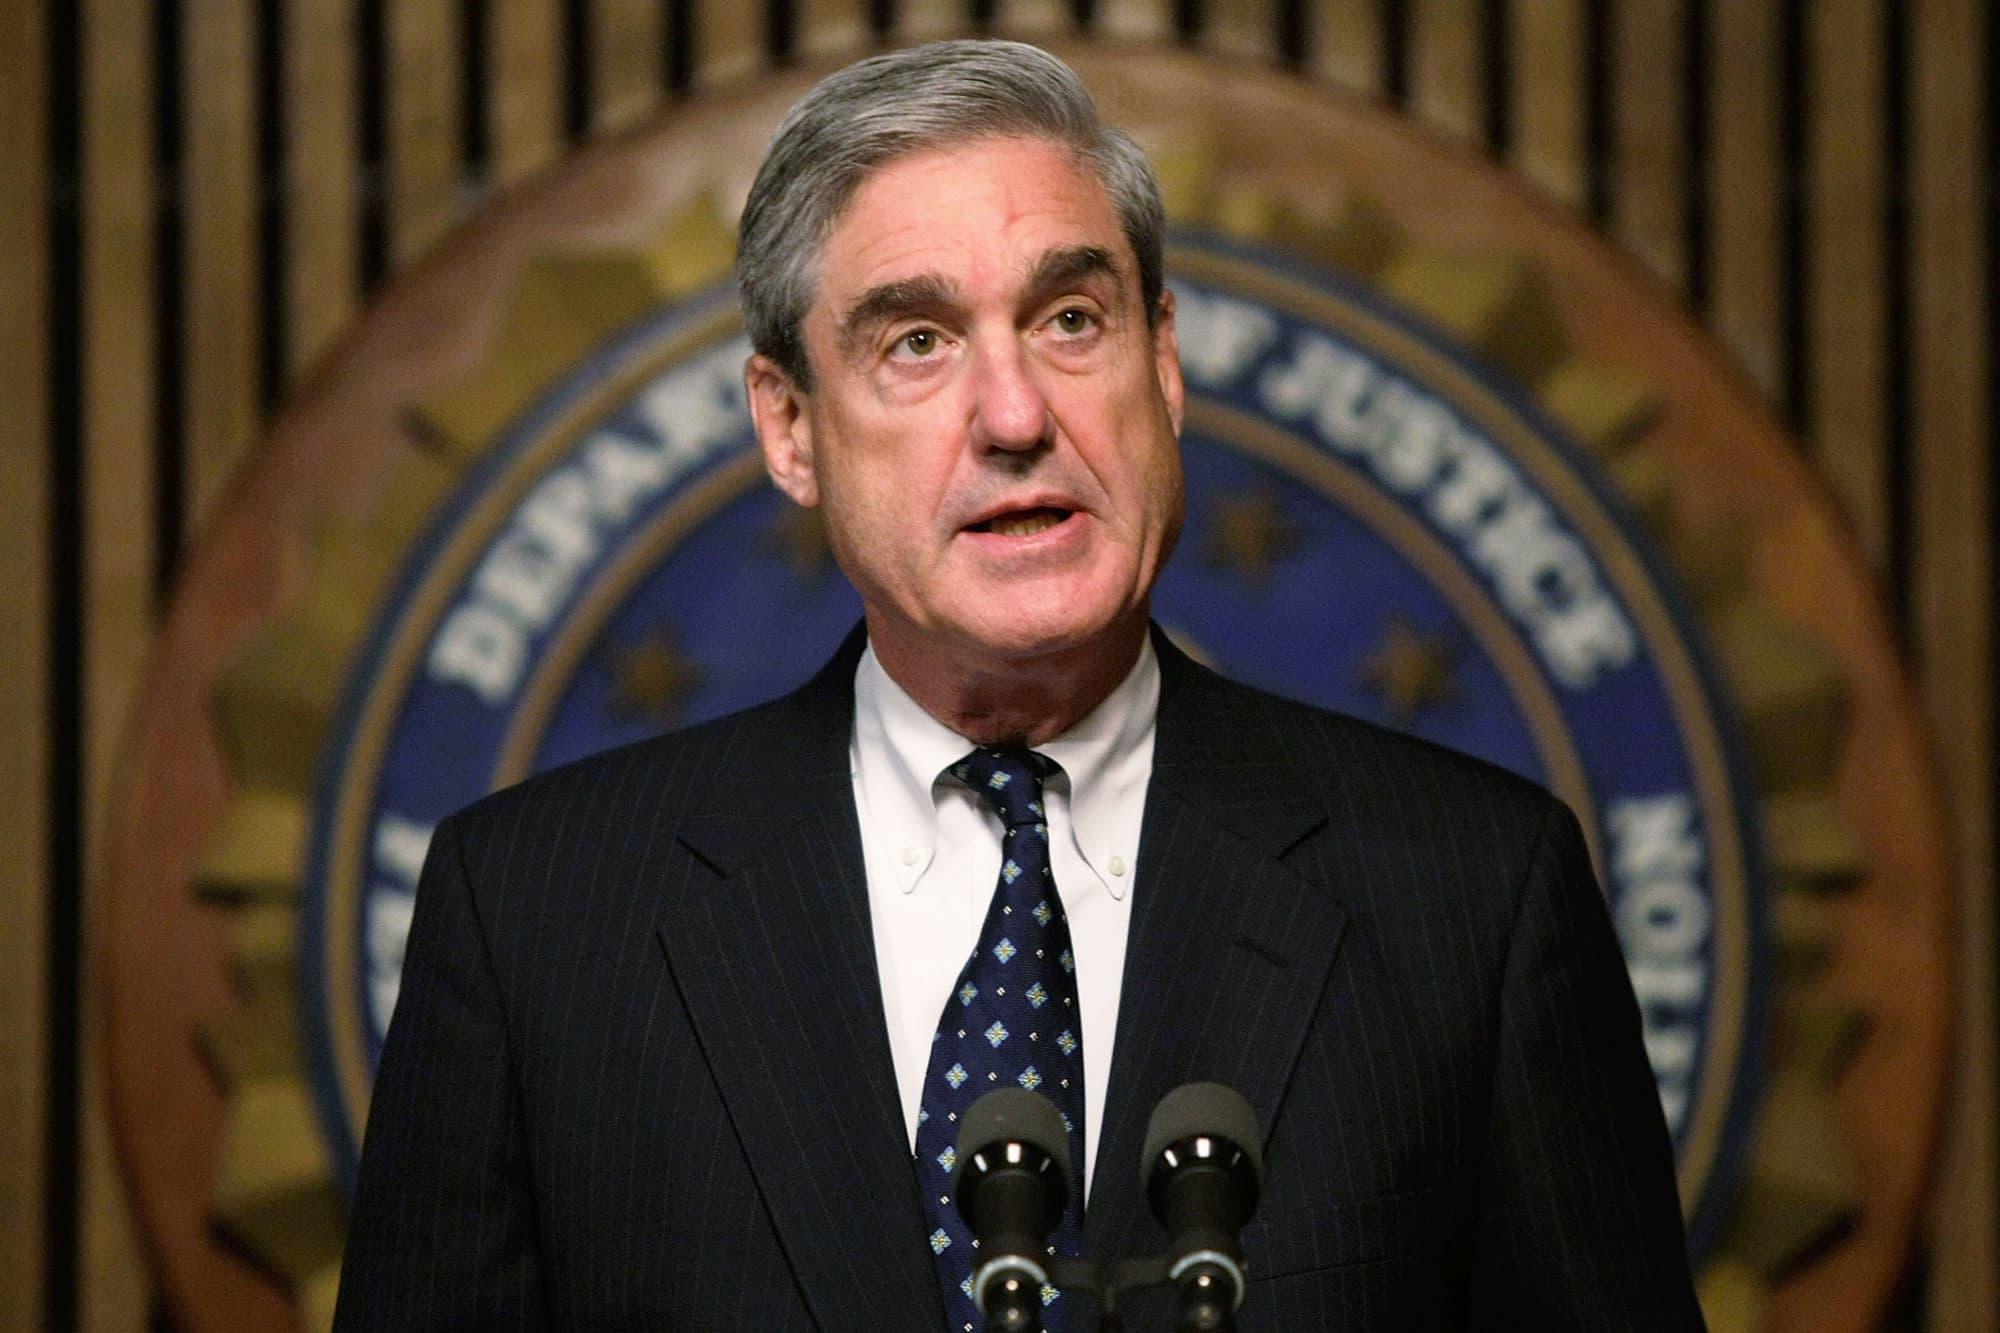 GS: Robert Mueller 080625